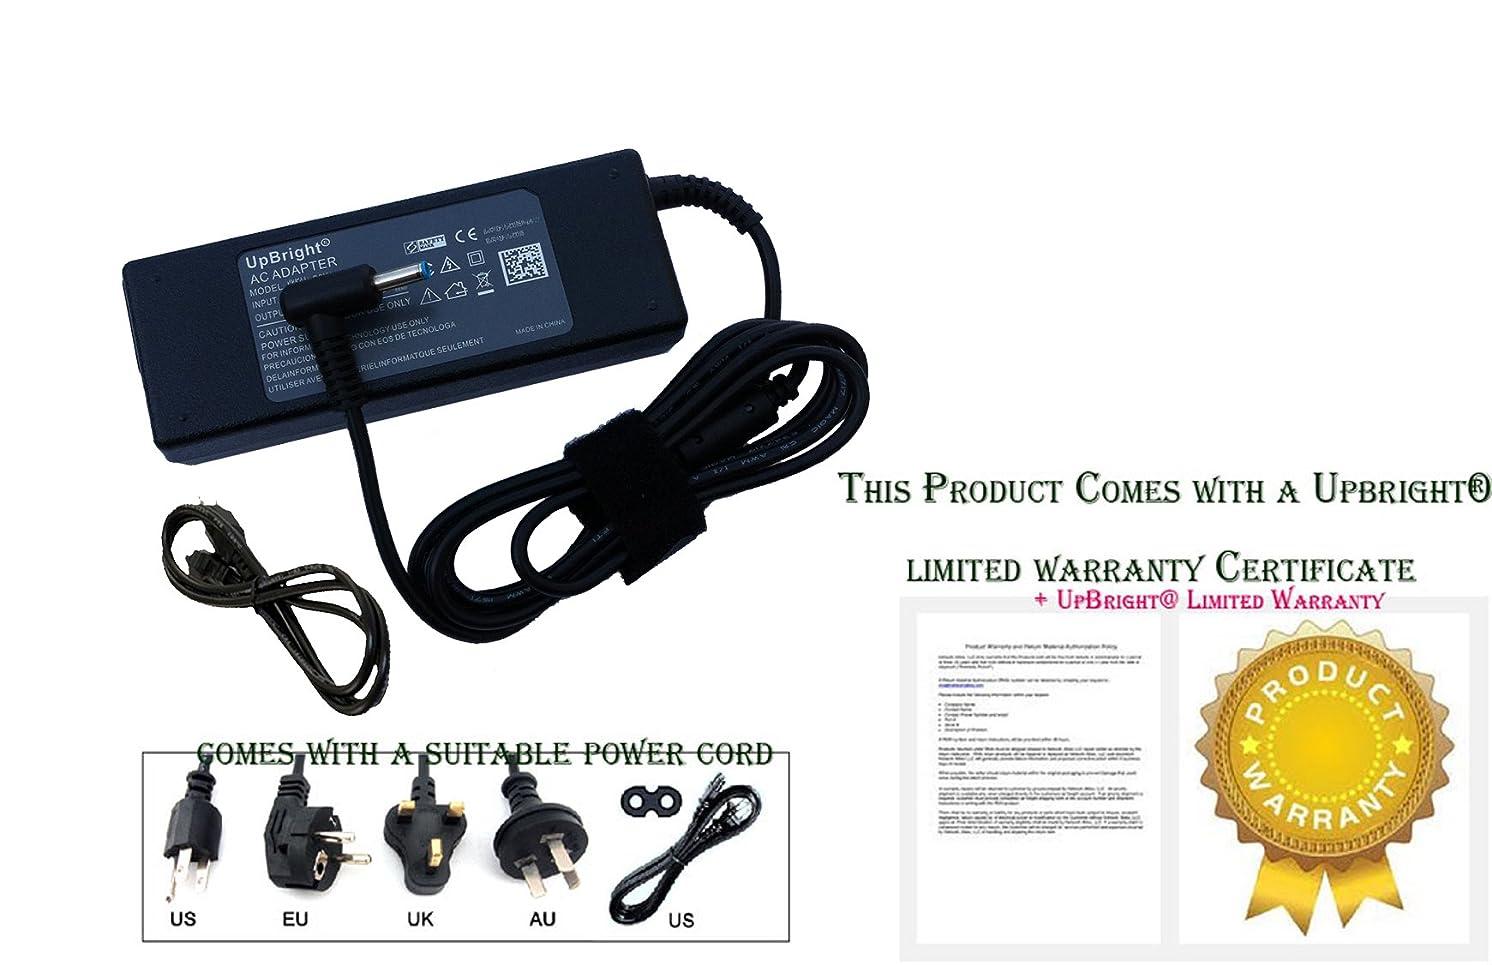 UpBright New 19.5V 4.62A AC/DC Adapter for HP Envy m7-n109dx M7-N010DX M7-N102DX M7-k212dx 15-g057cl 15-g067cl 15-g068cl 15-g069cl 15-g071nr 15-g072nr 15-g073nr 15-K000NG 15-K031NG 19.5VDC Charger